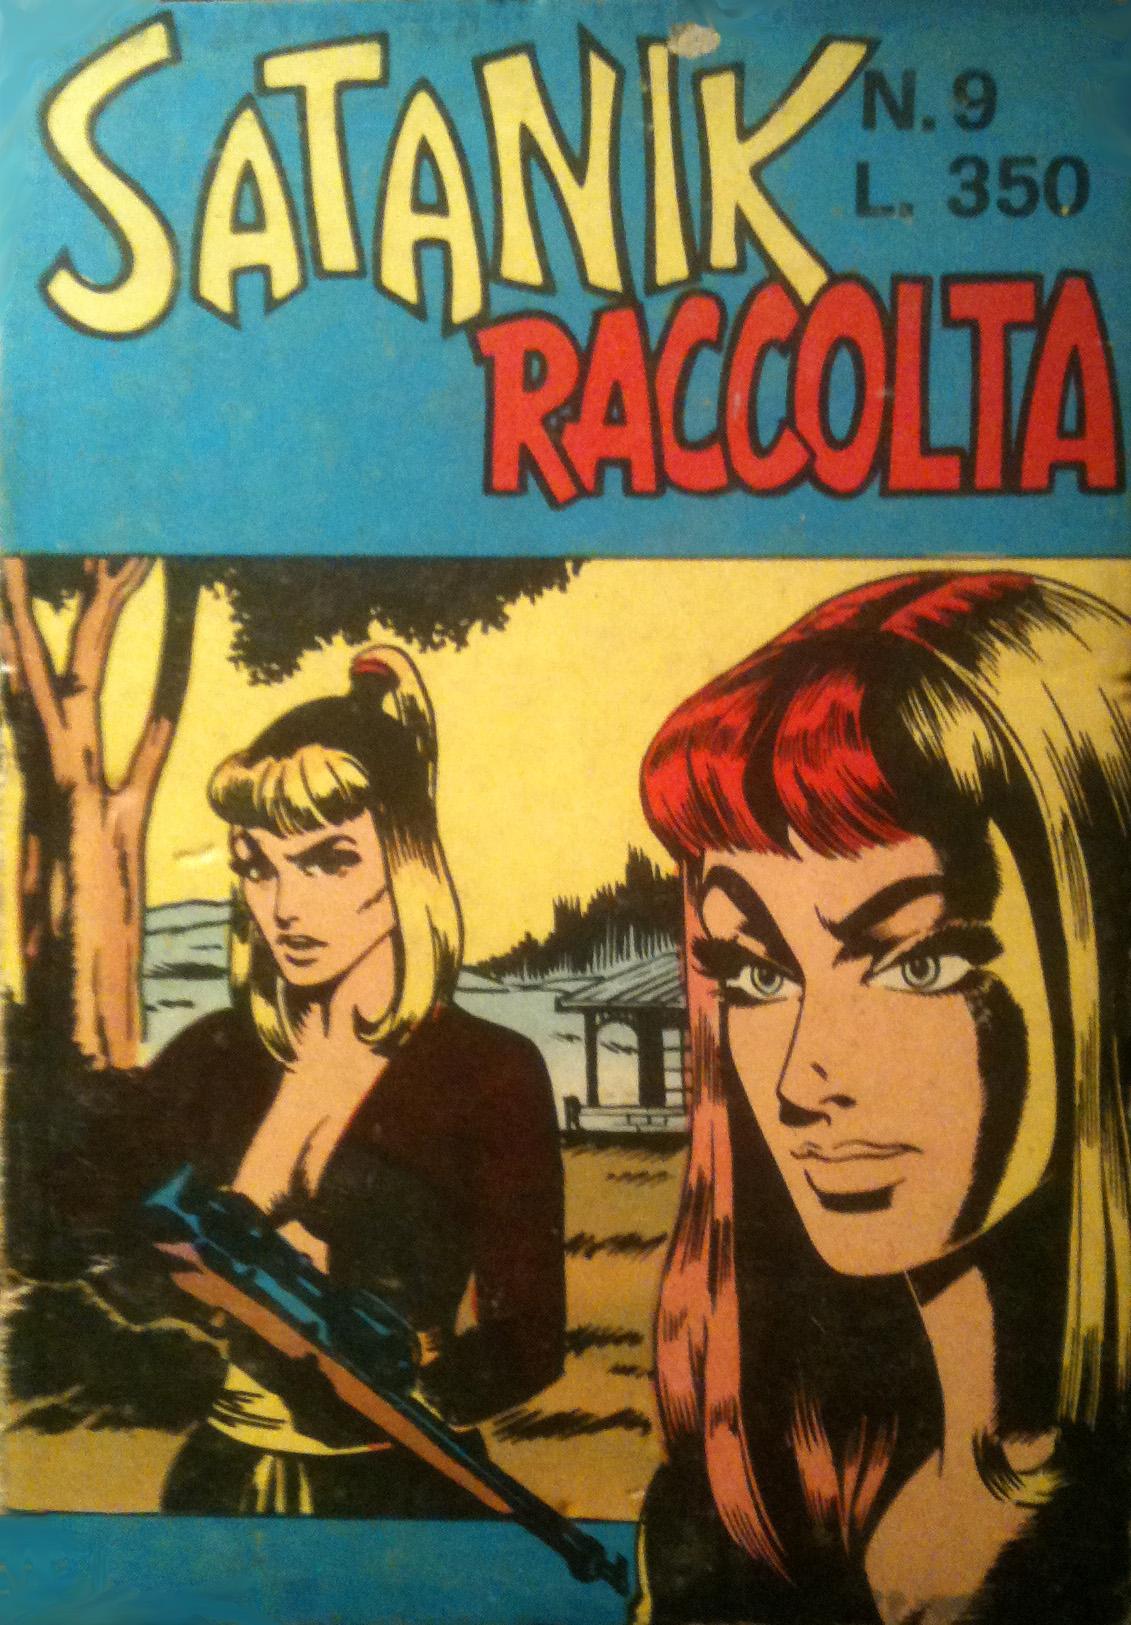 Satanik raccolta n. 9